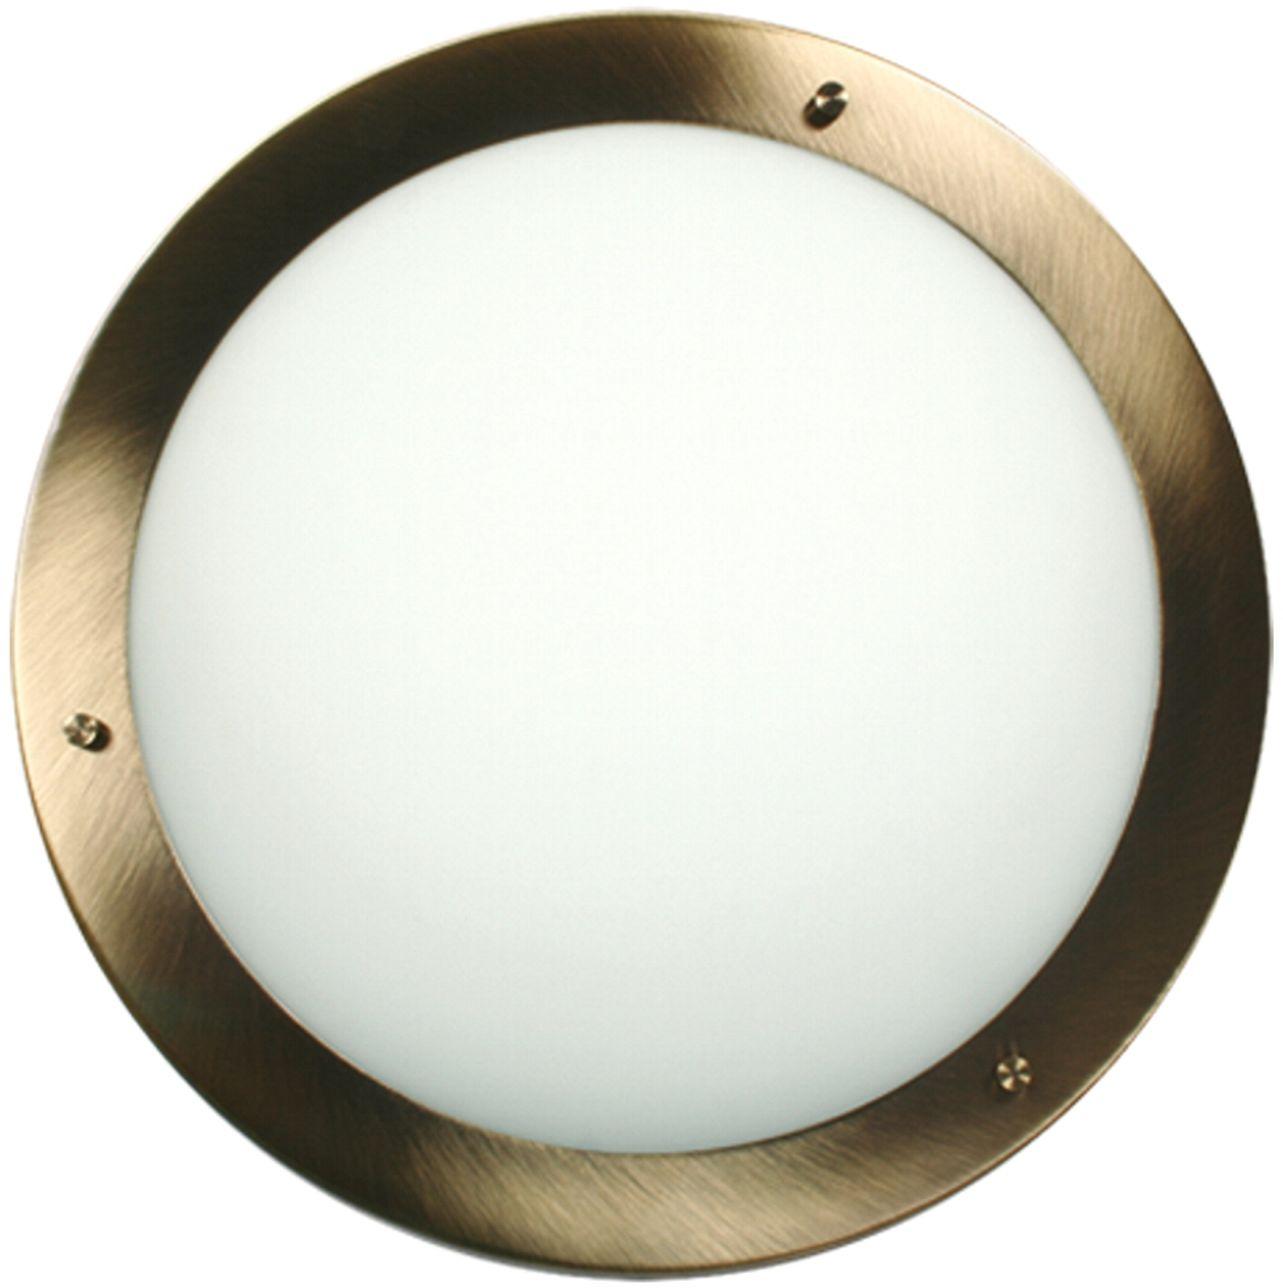 Candellux AQUILA 13-89345 plafon lampa sufitowa patyna szklany klosz 1x60W E27 31cm IP44